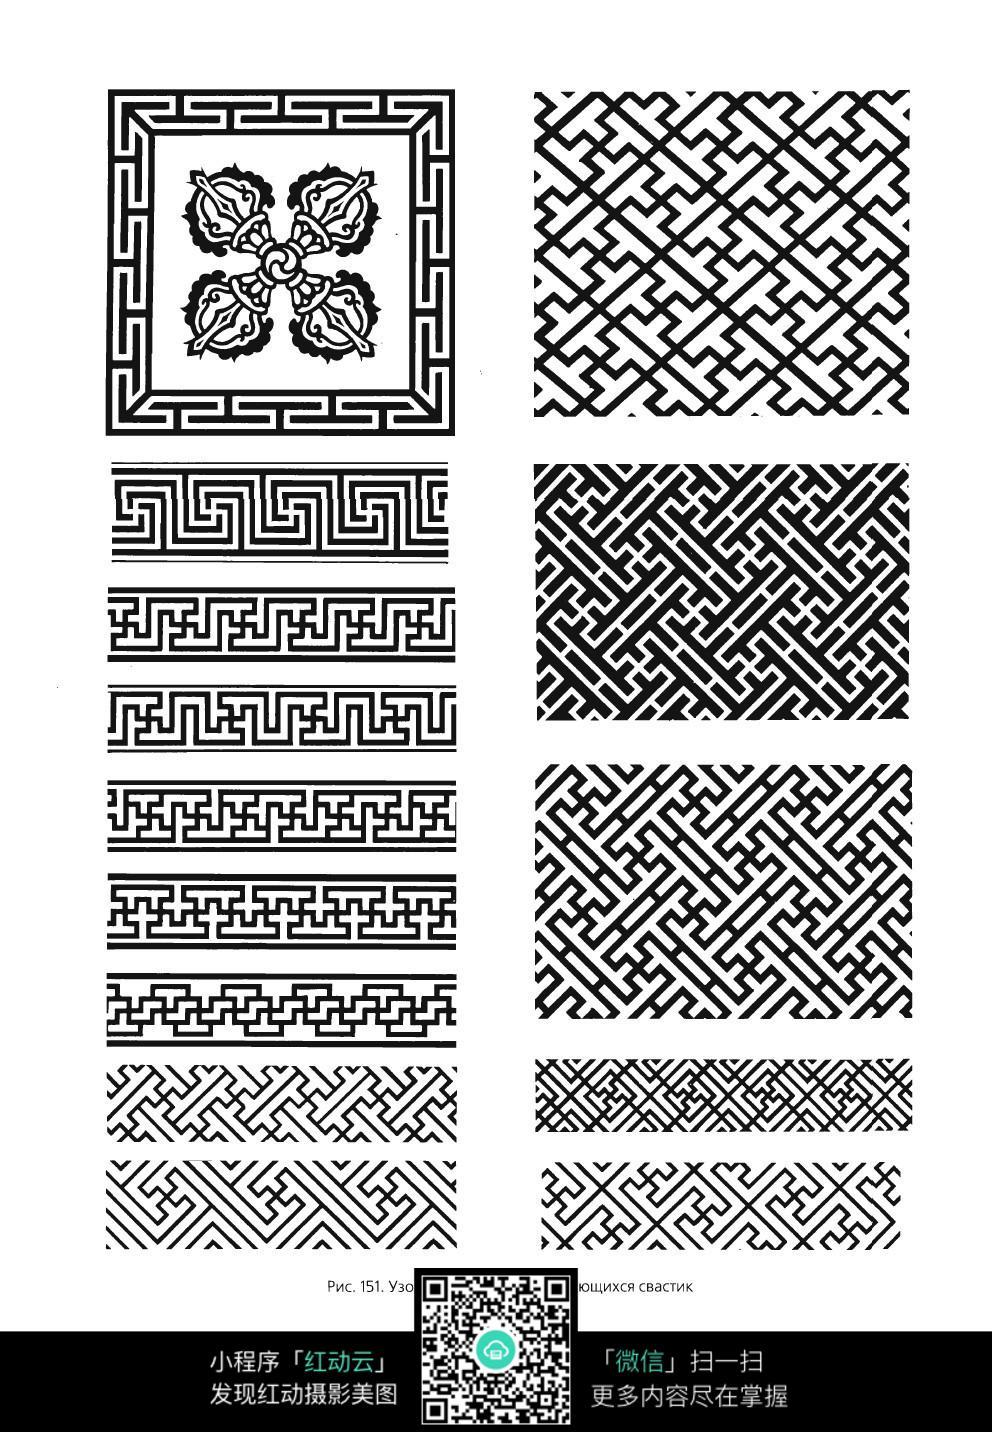 中式纹理边框素材